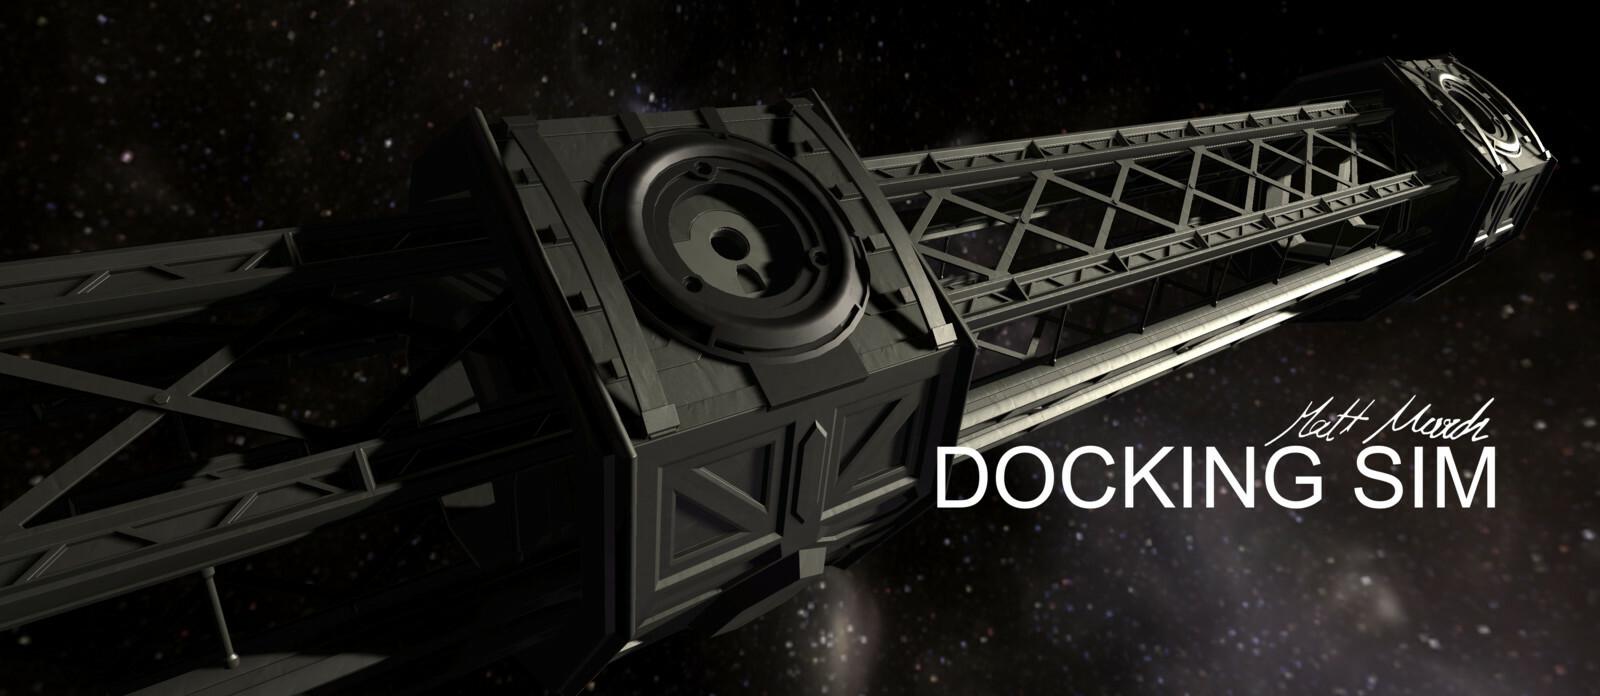 Docking Sim: High Realism Mundane Space Simulator